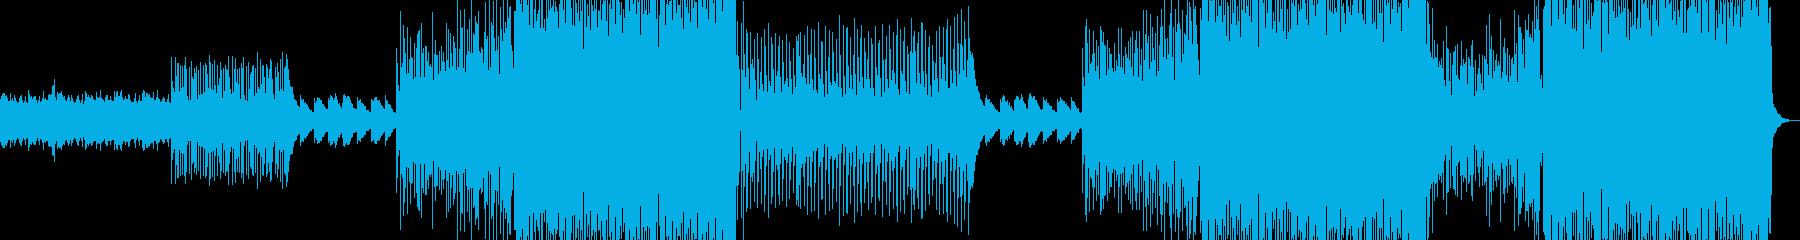 疾走感あるダークでクールなクラブ系EDMの再生済みの波形